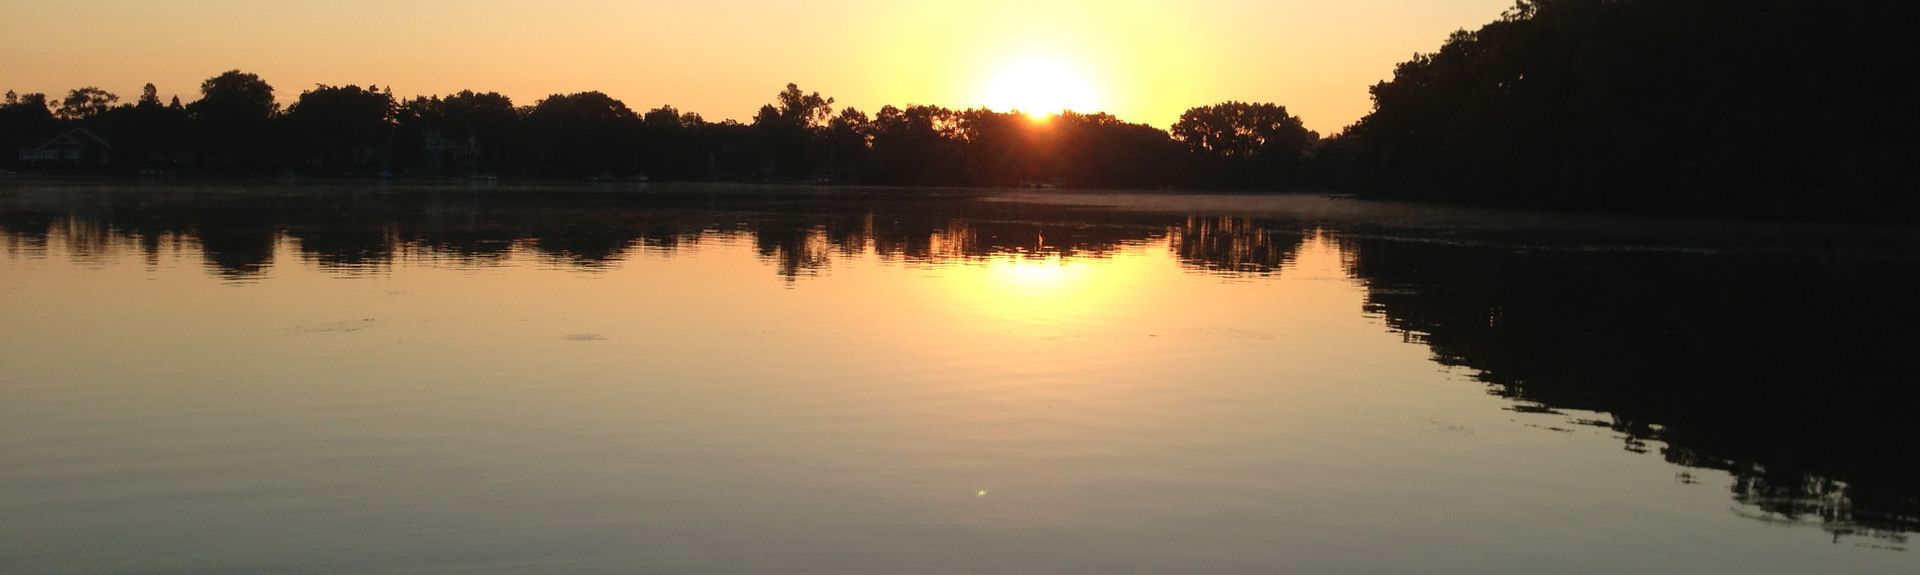 Gurnee Mills, Gurnee, Illinois, USA